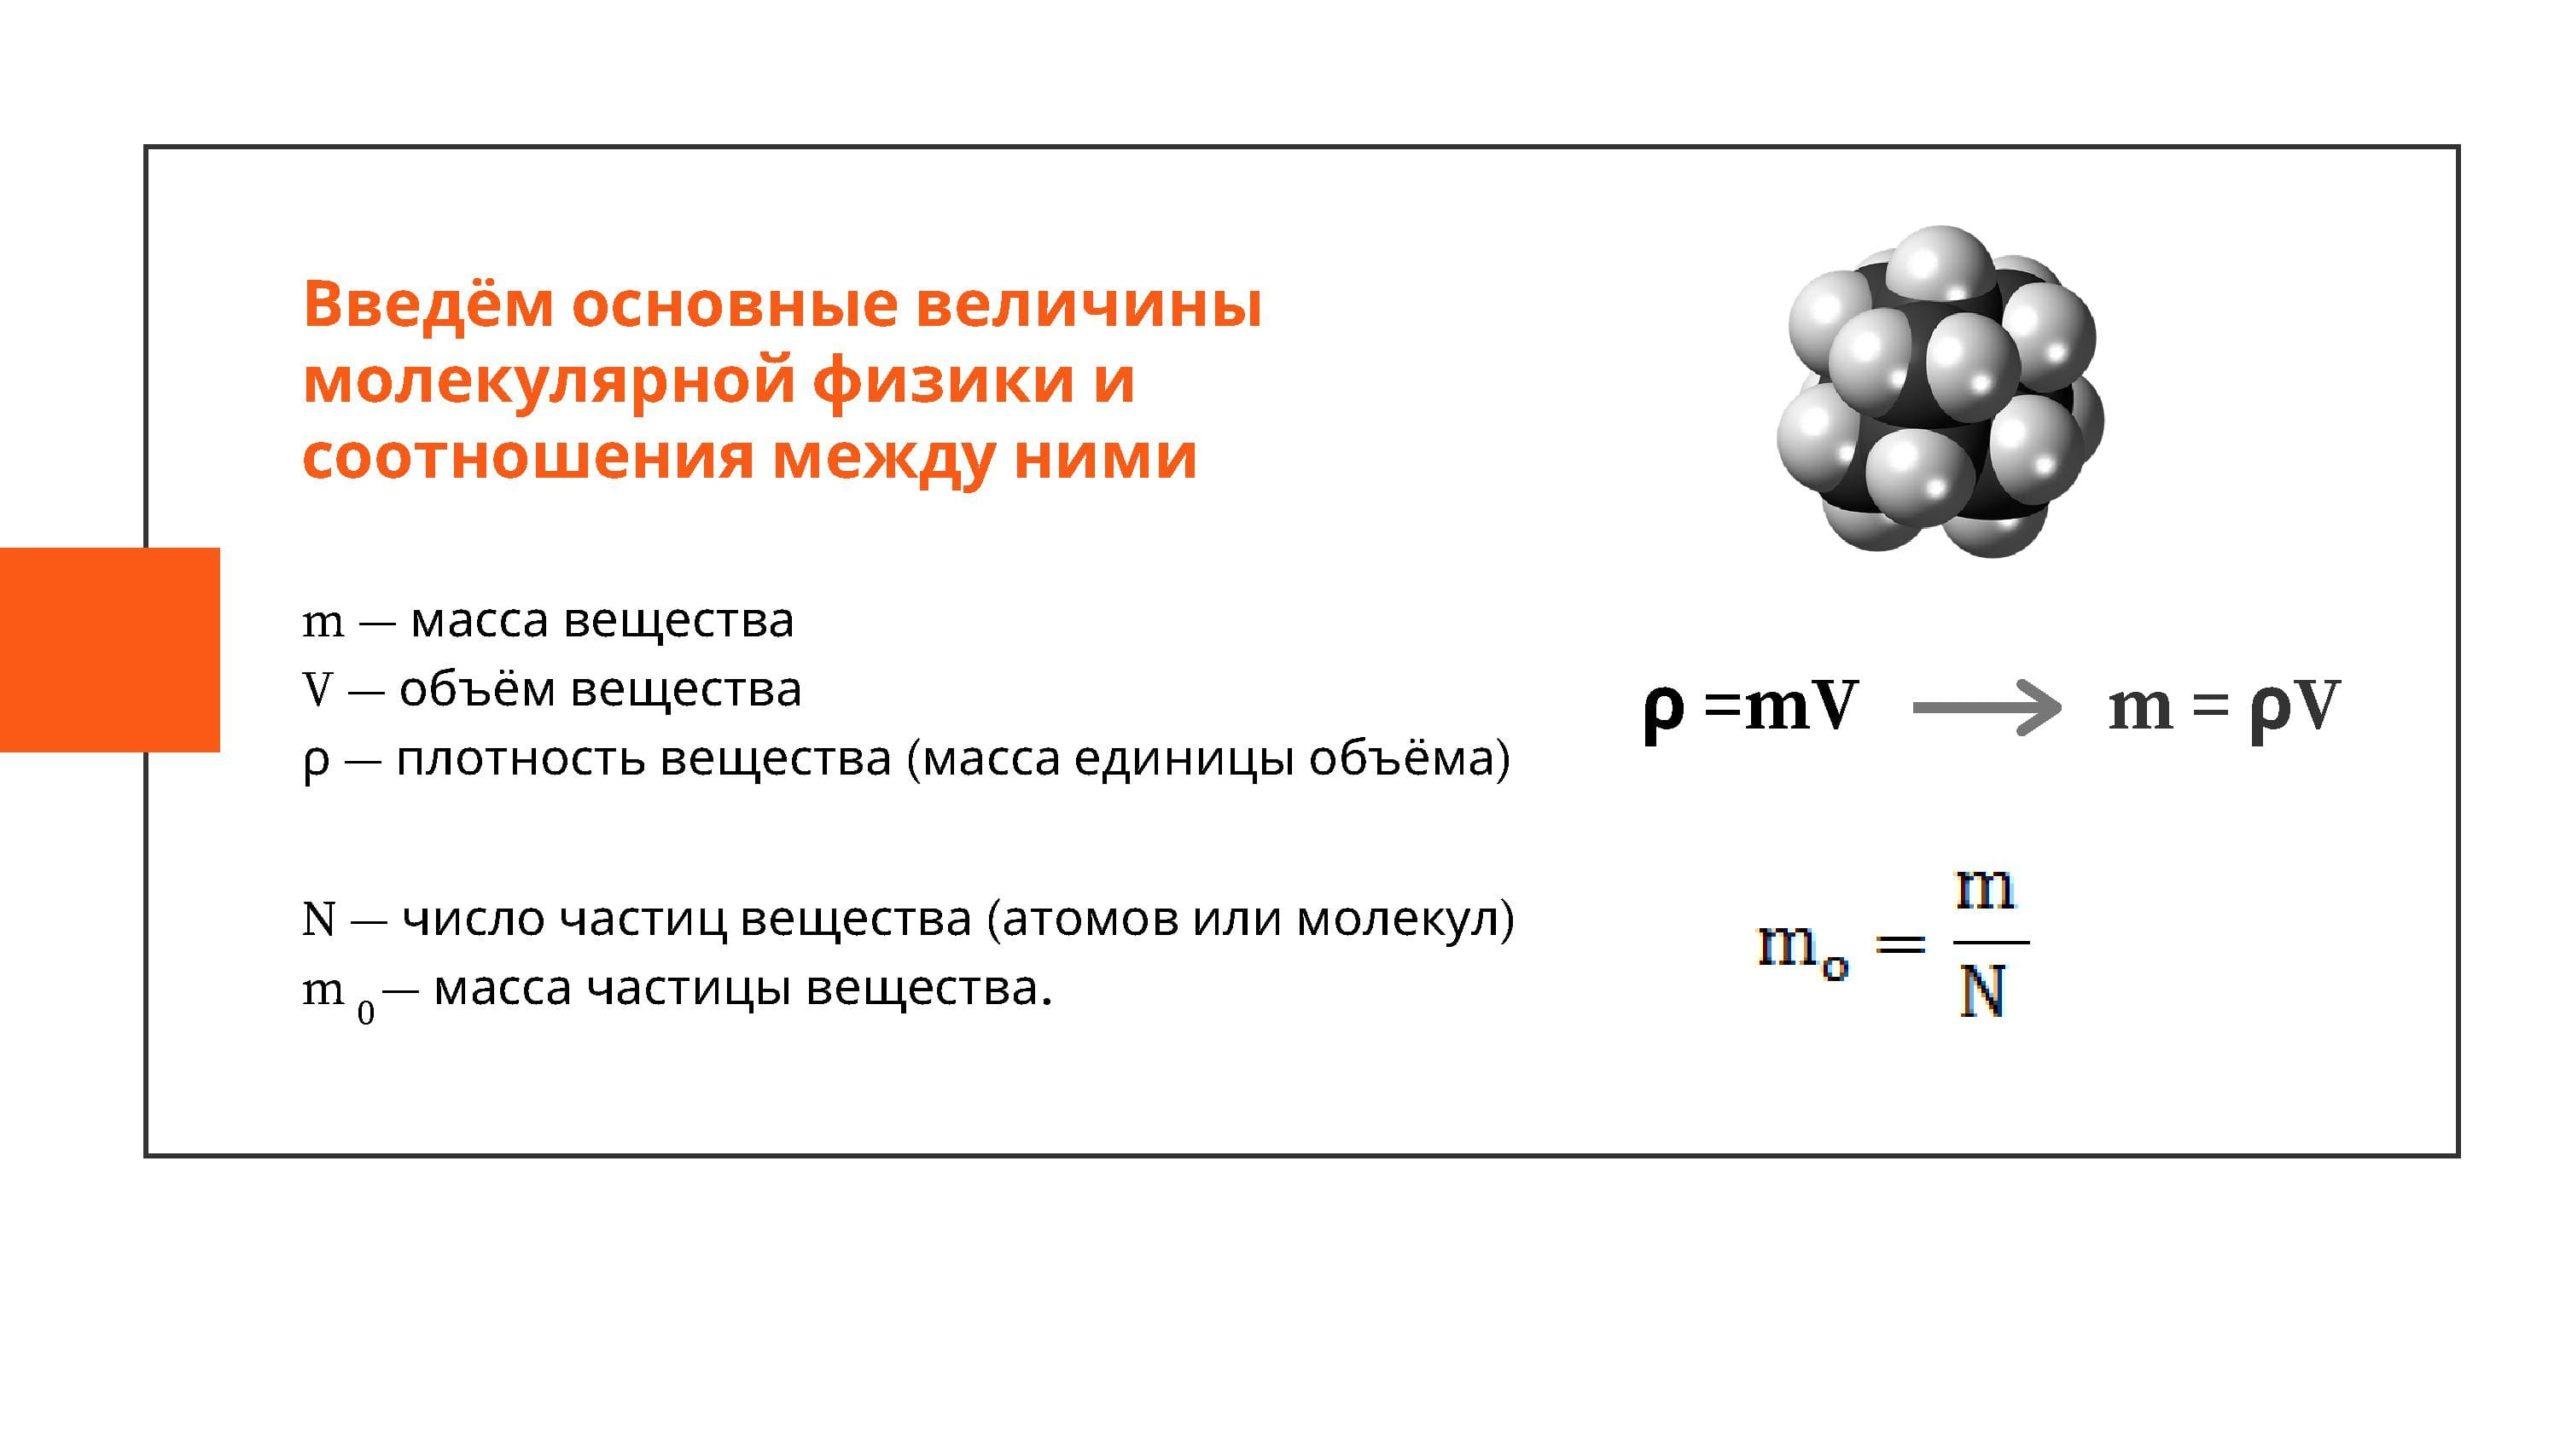 Основные величины молекулярной физики